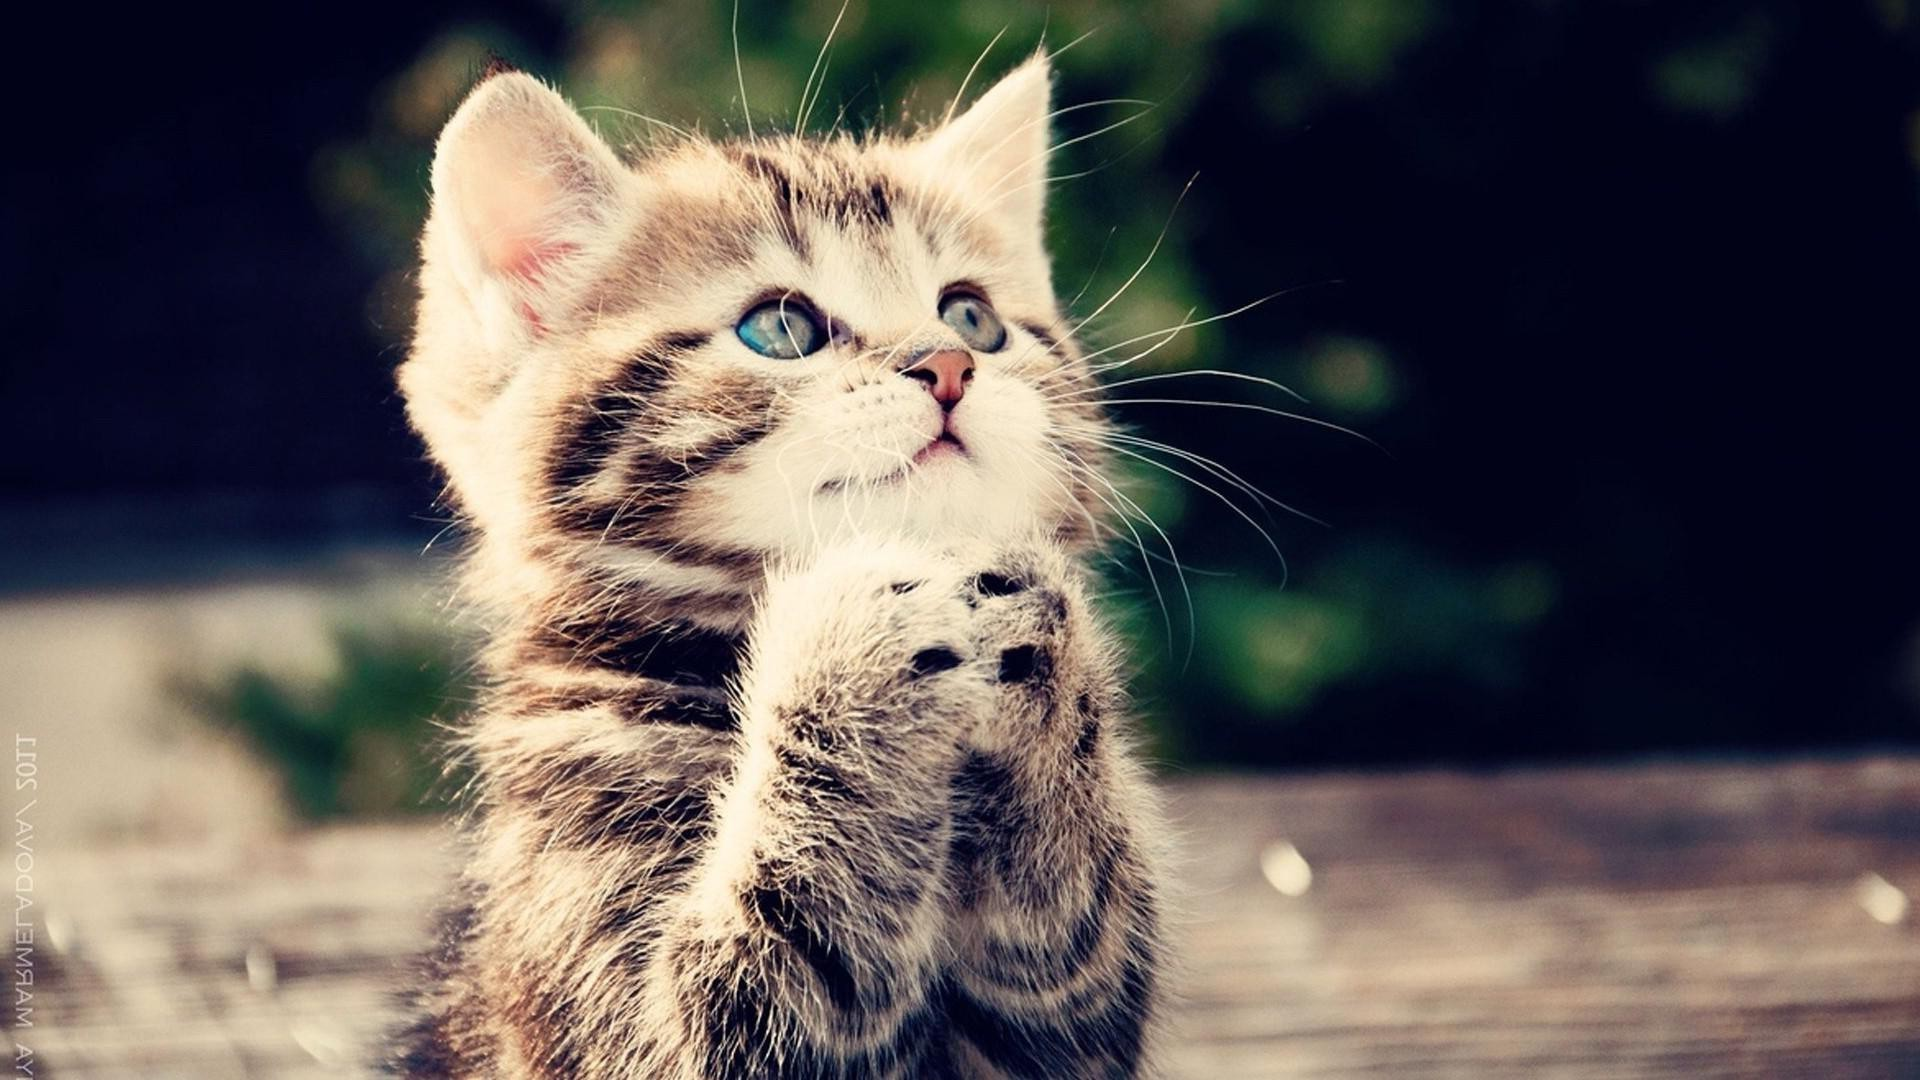 Hình nền mèo con dễ thương